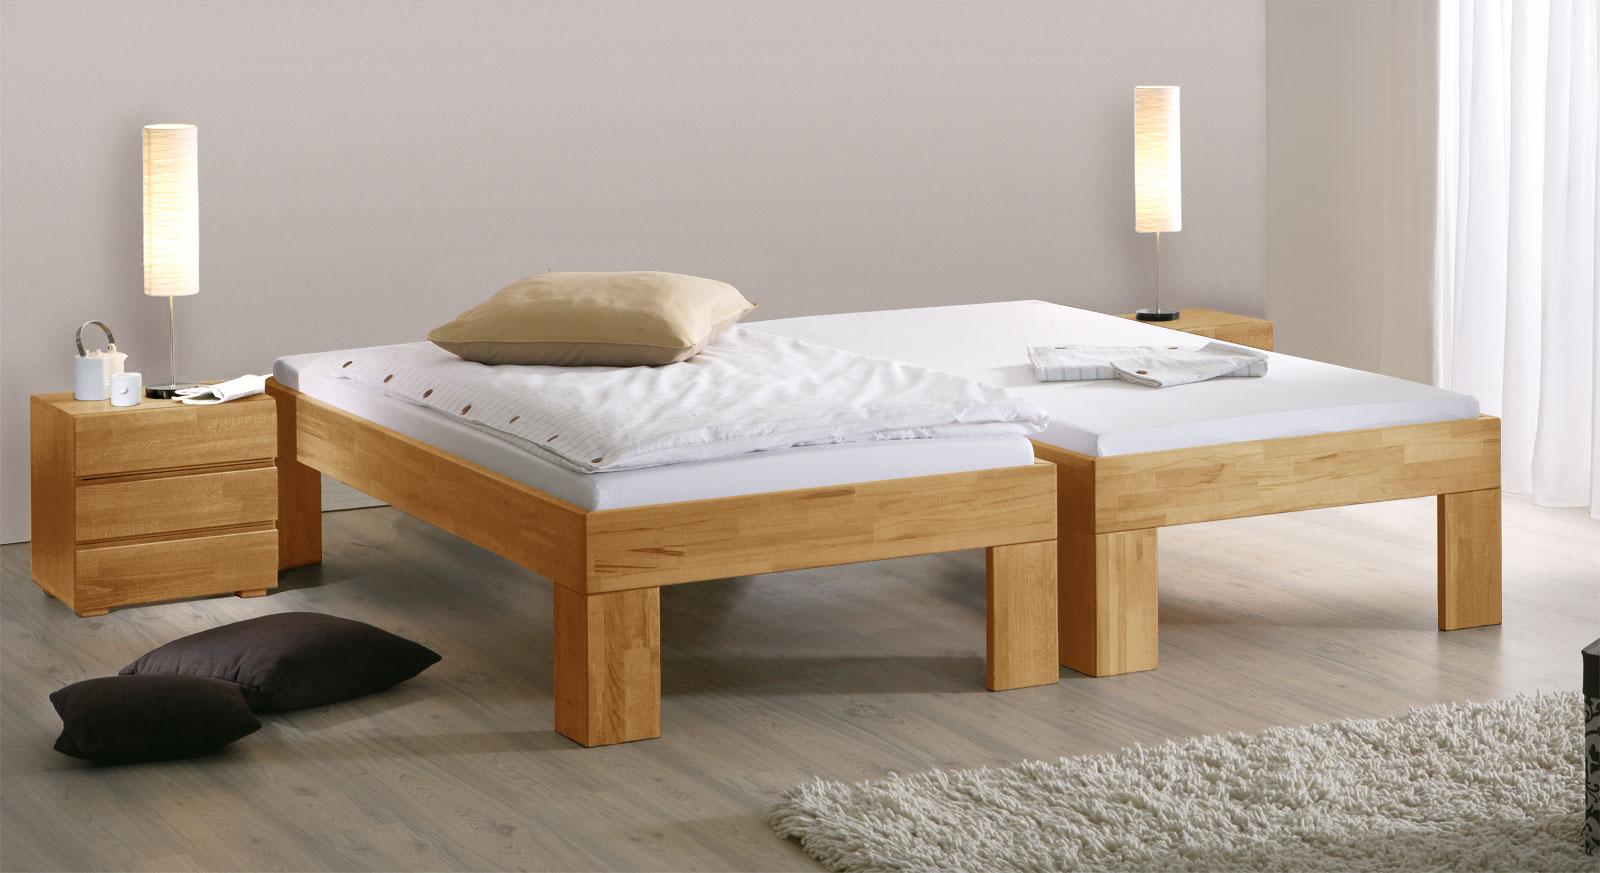 Bett Lucca Komfort mit Fusshöhe 30cm in Buche